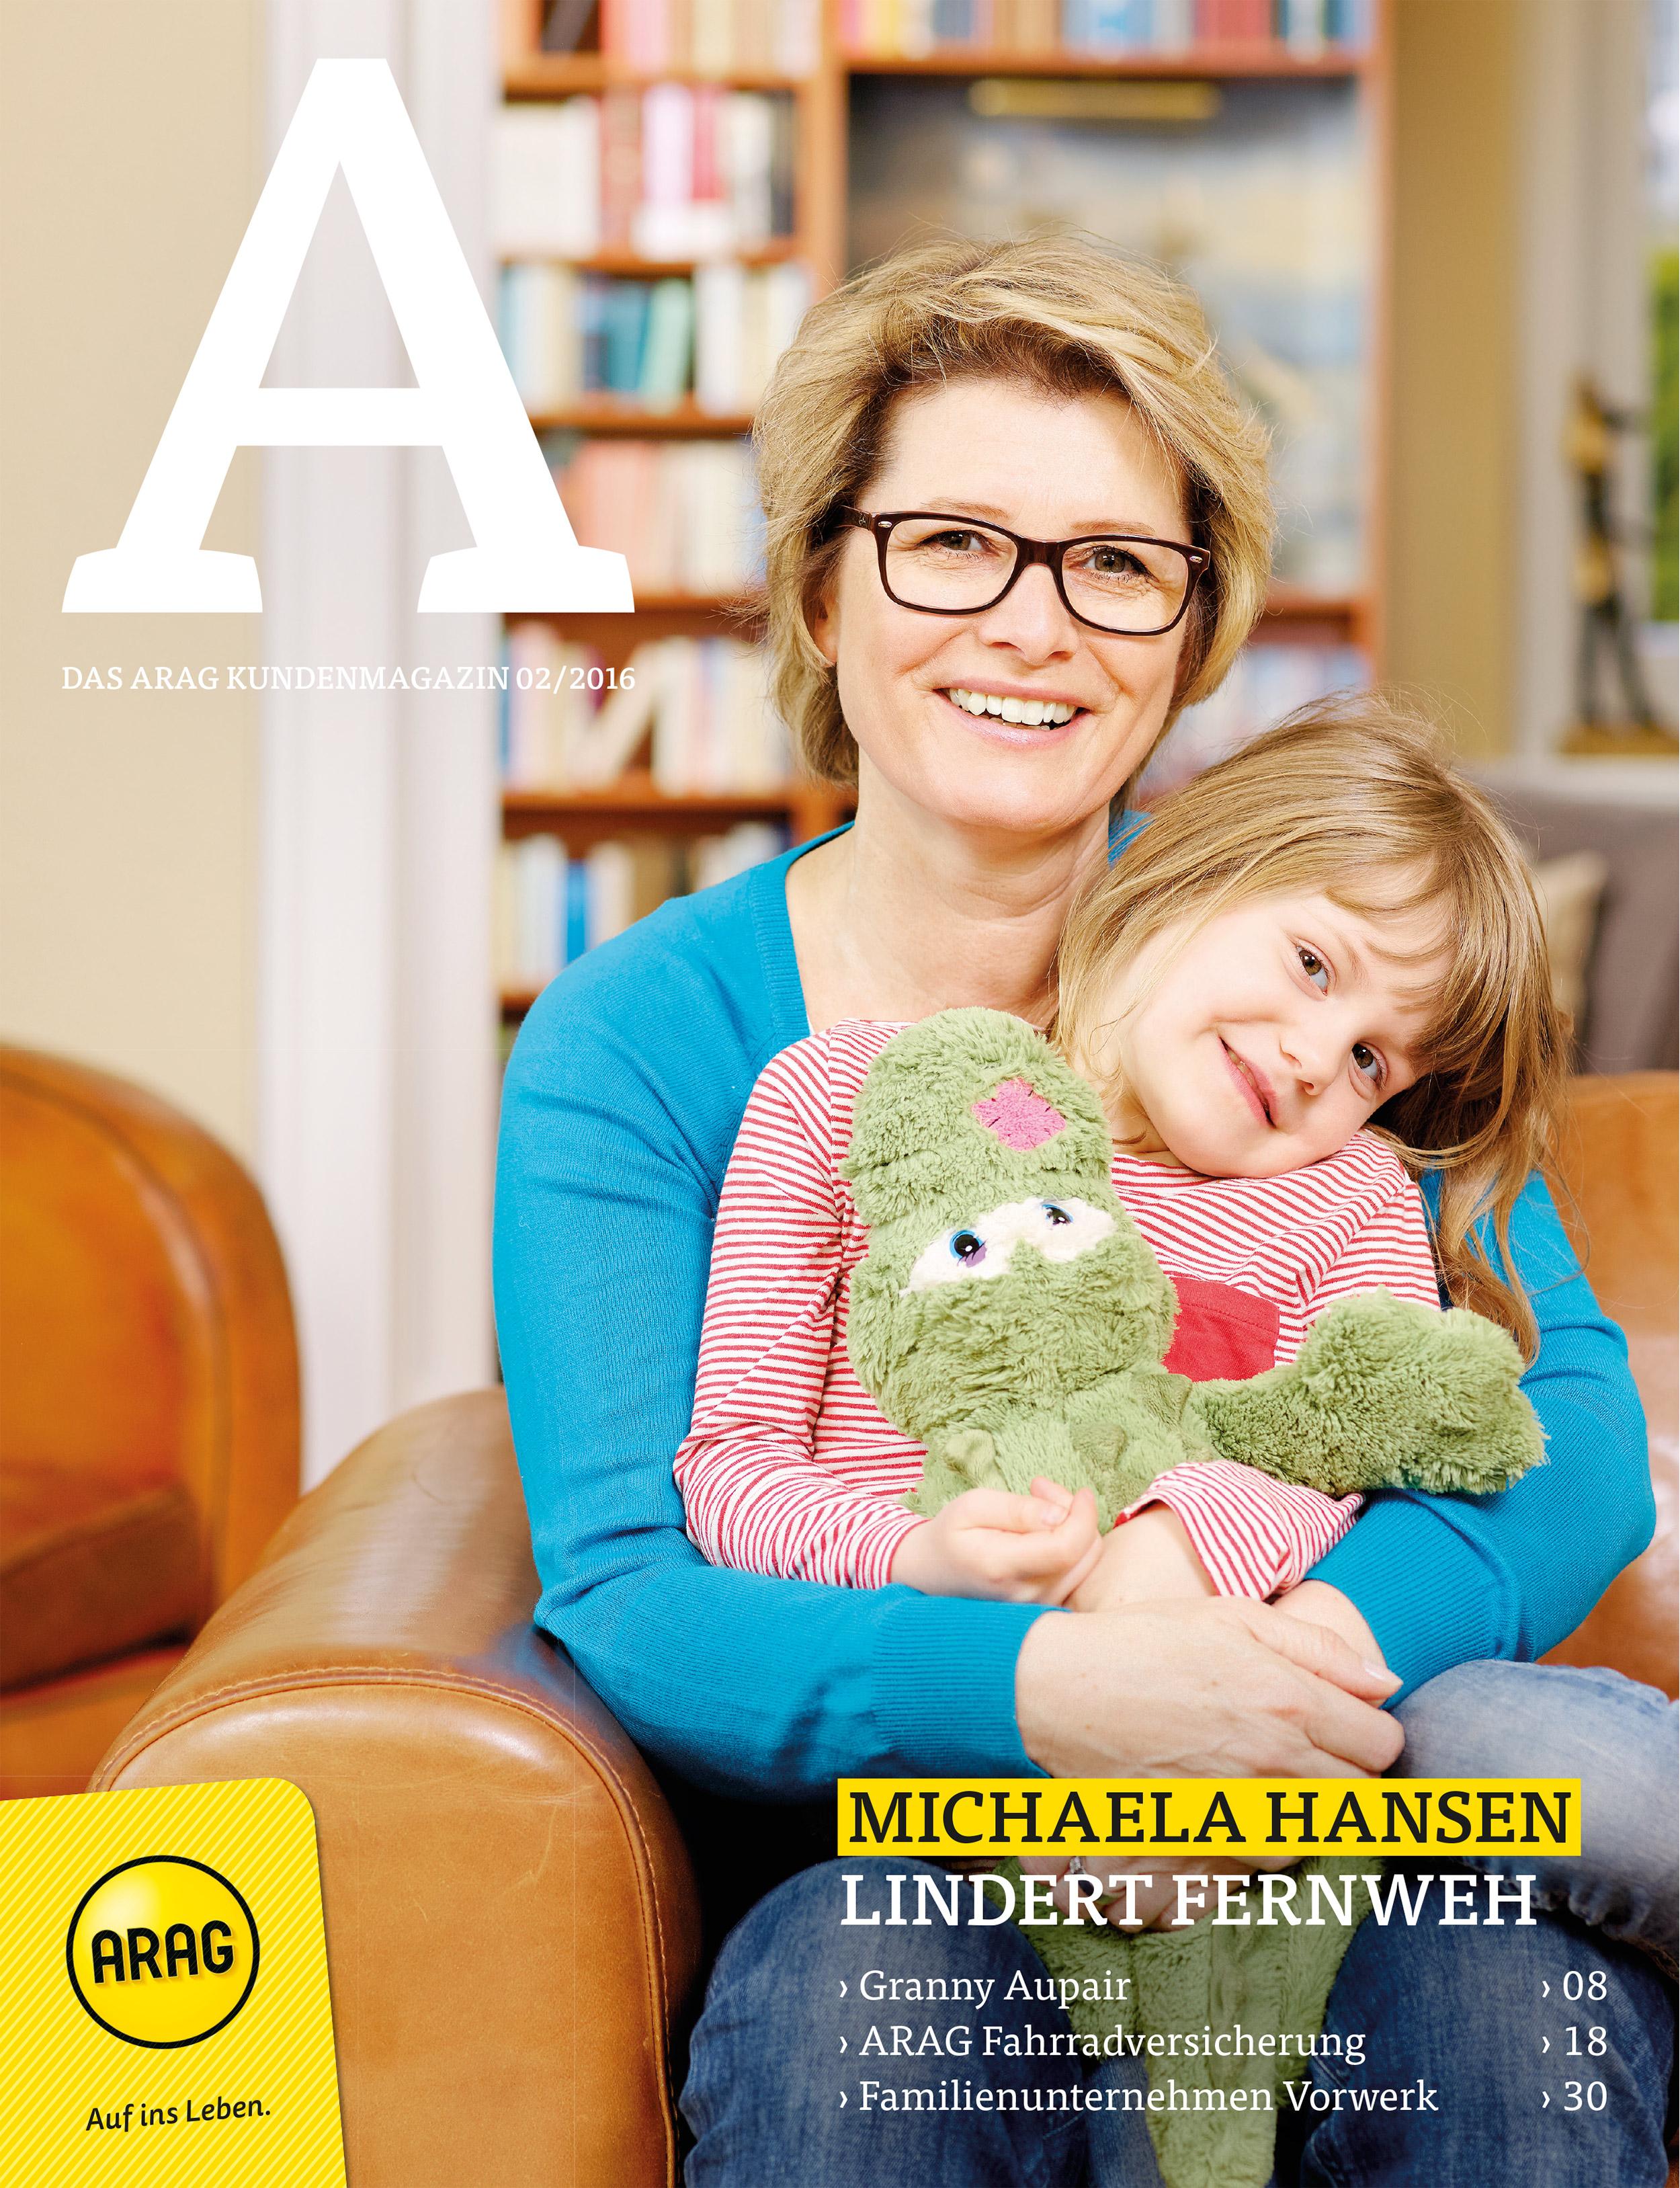 Arag Kundenmagazin | Boros | Michaela Hansen | Trevemünde